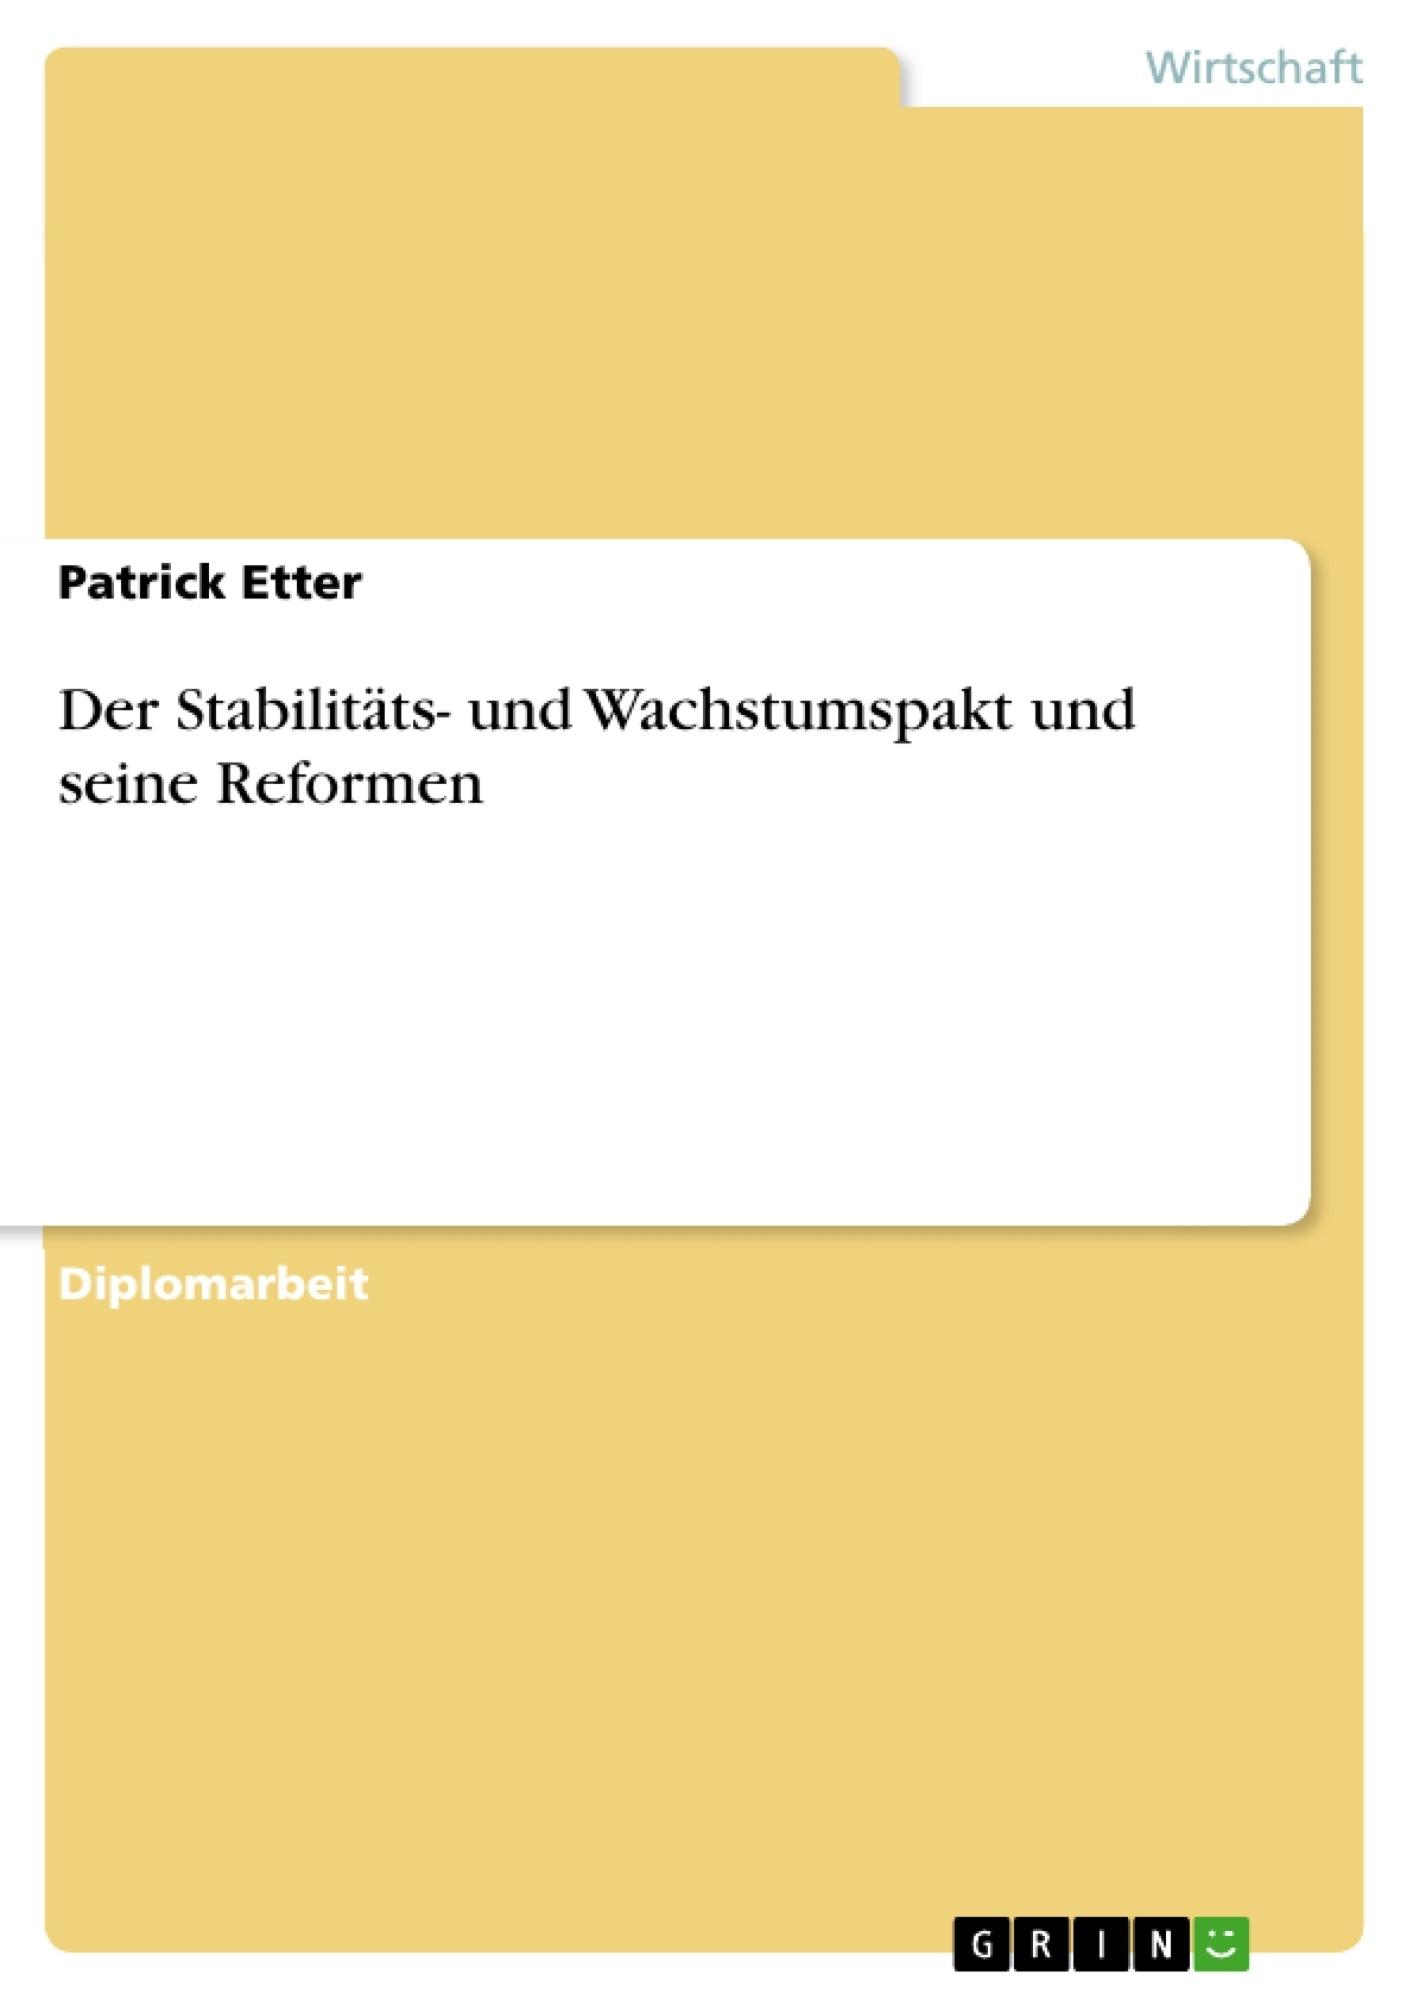 Titel: Der Stabilitäts- und Wachstumspakt und seine Reformen